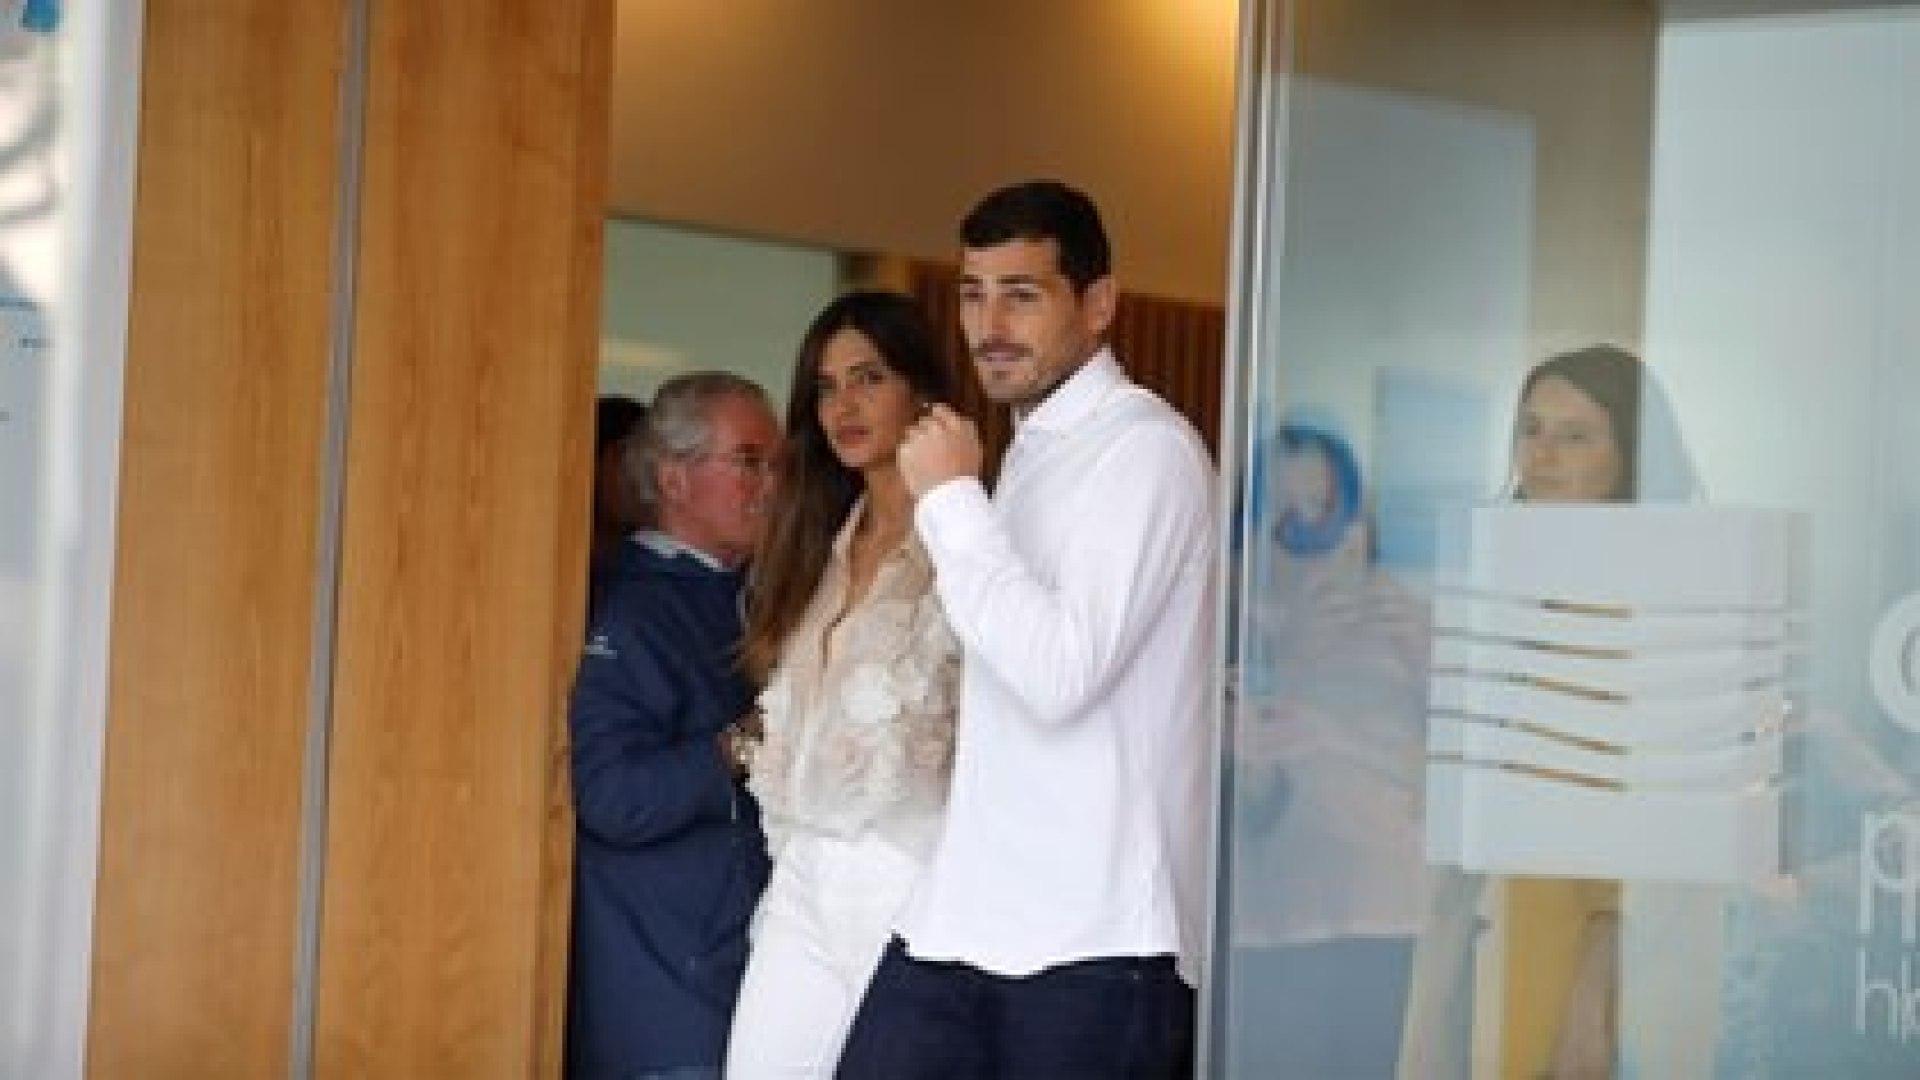 Así se les veía en mayo de 2019 cuando Iker salió del hospital en Portugal (REUTERS)